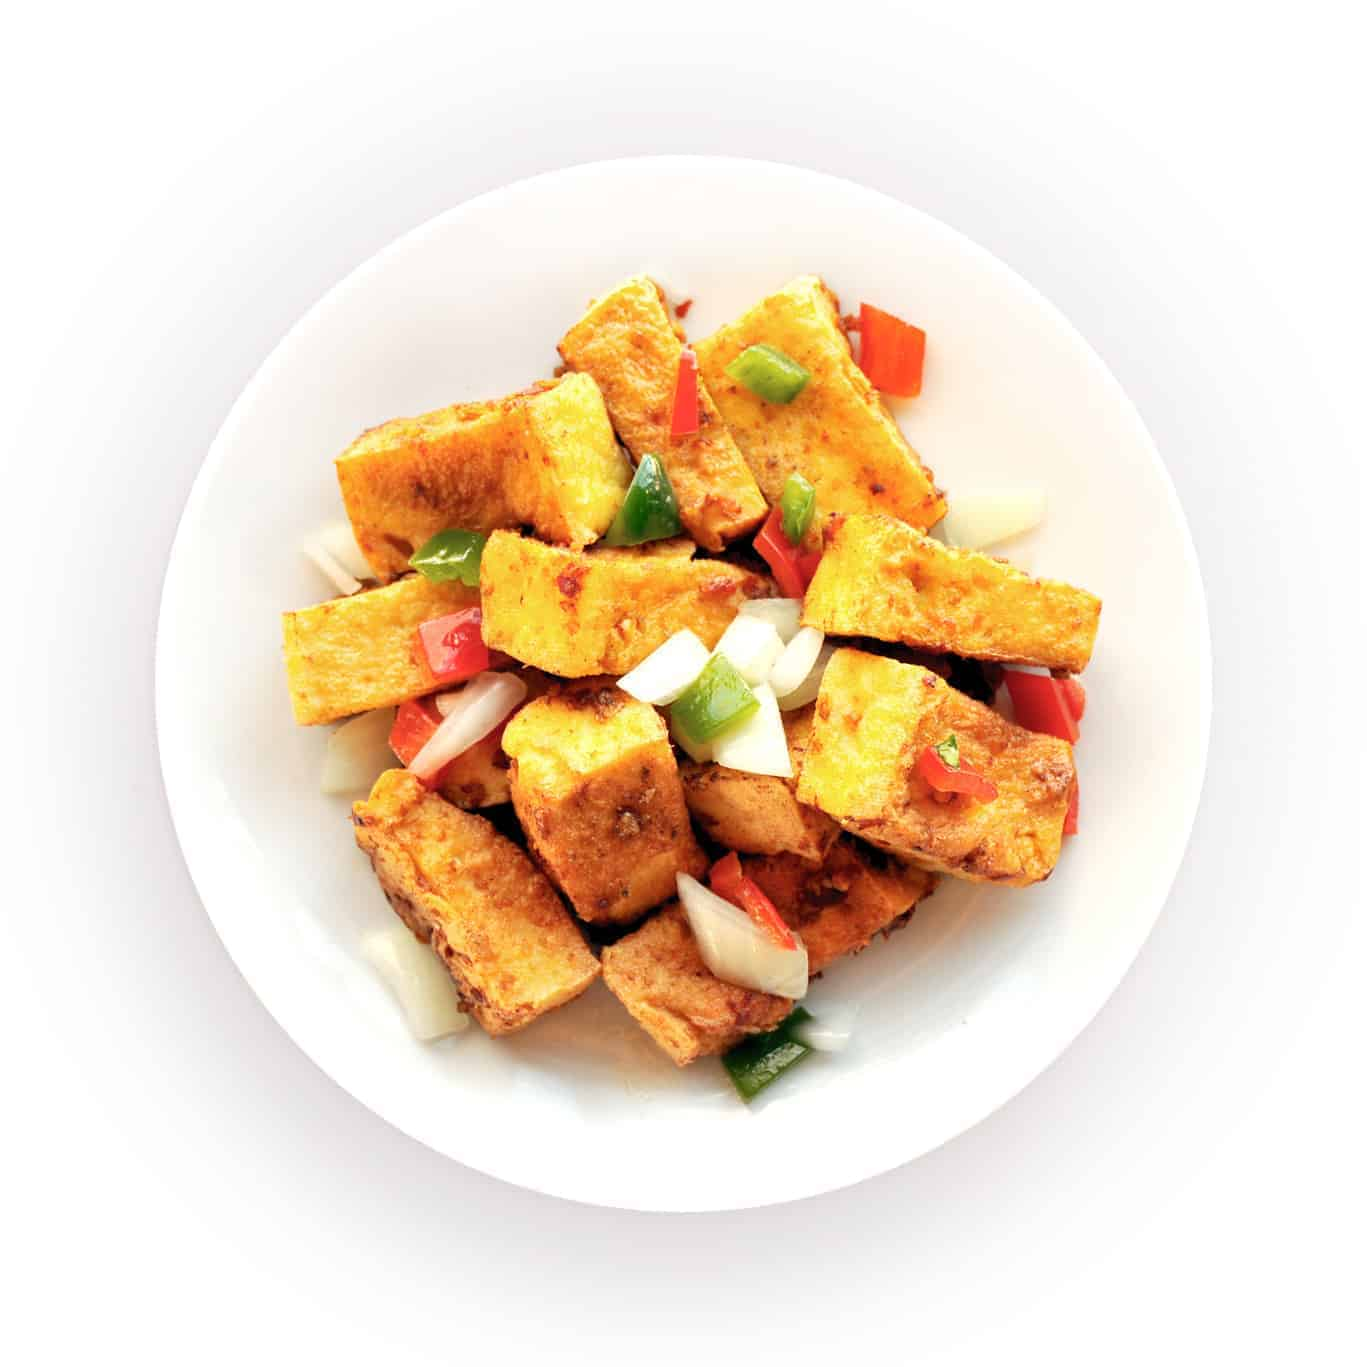 Crispy Chili Pepper Tofu Appetizer